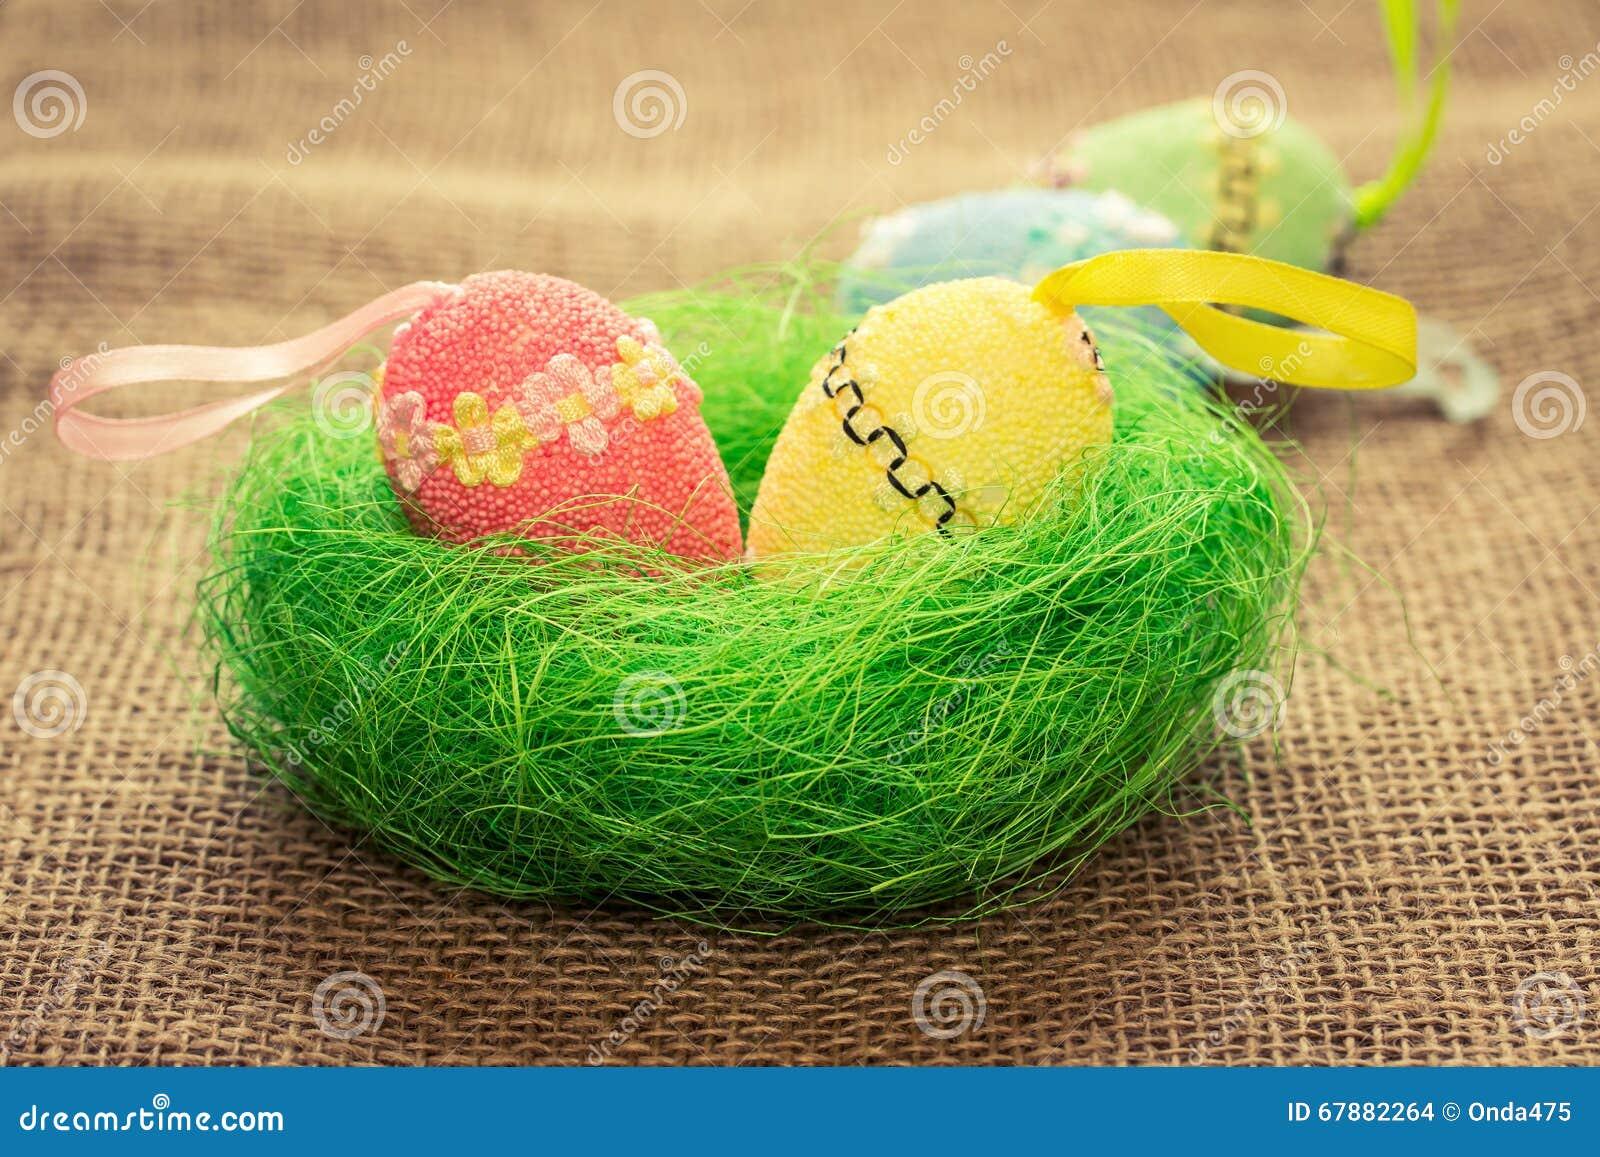 仍然复活节生活 乡村模式 复活节彩蛋嵌套